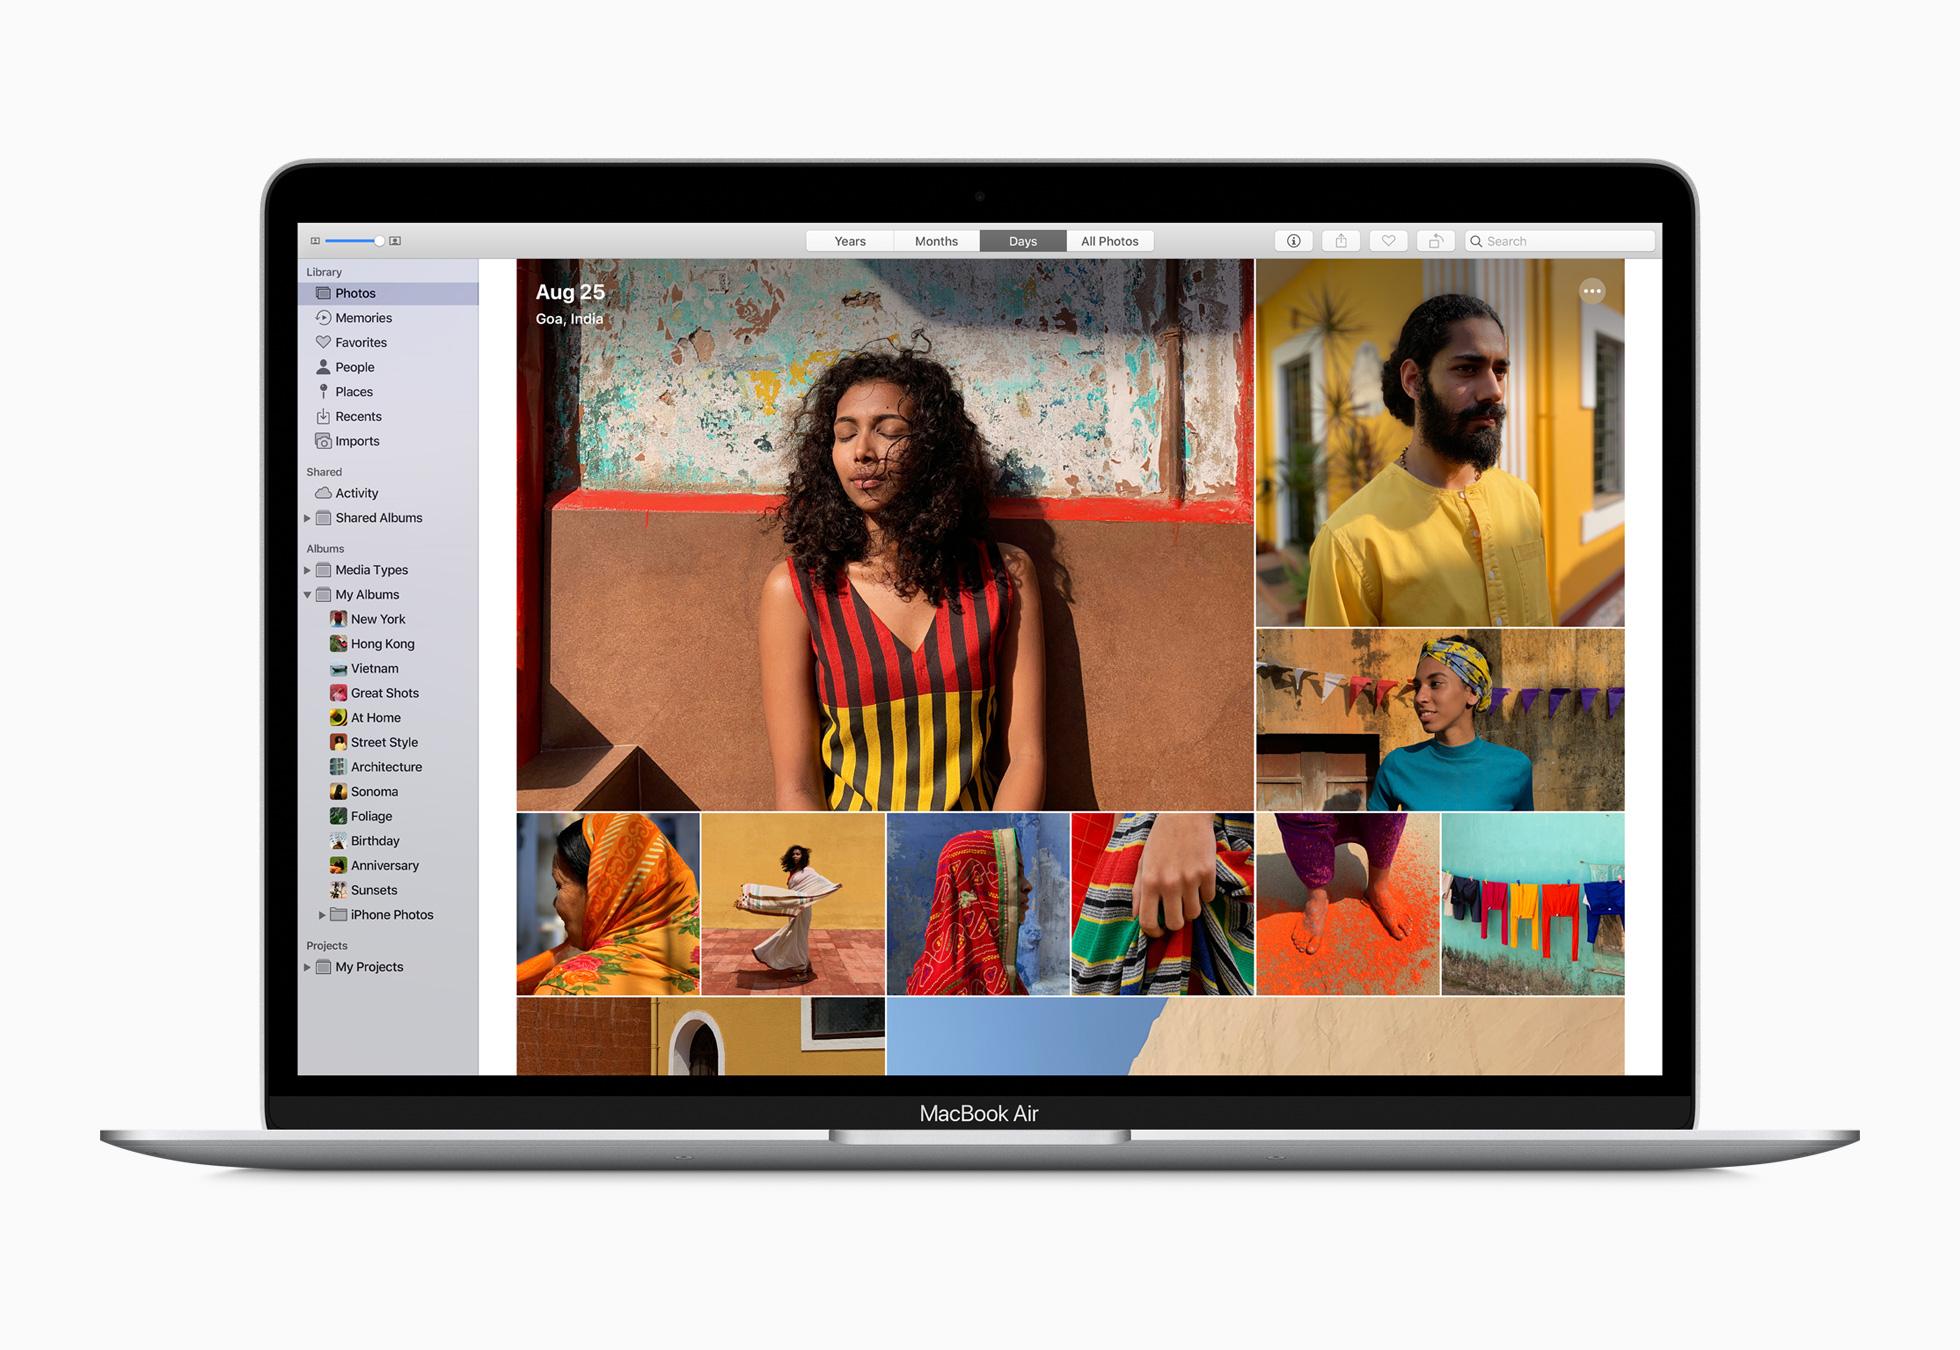 พื้นที่จัดเก็บของ MacBook Air เริ่มต้นที่ 256GB ผู้ใช้จึงจัดเก็บภาพยนตร์ รูปภาพ และไฟล์ต่างๆ ได้เยอะขึ้นอีก